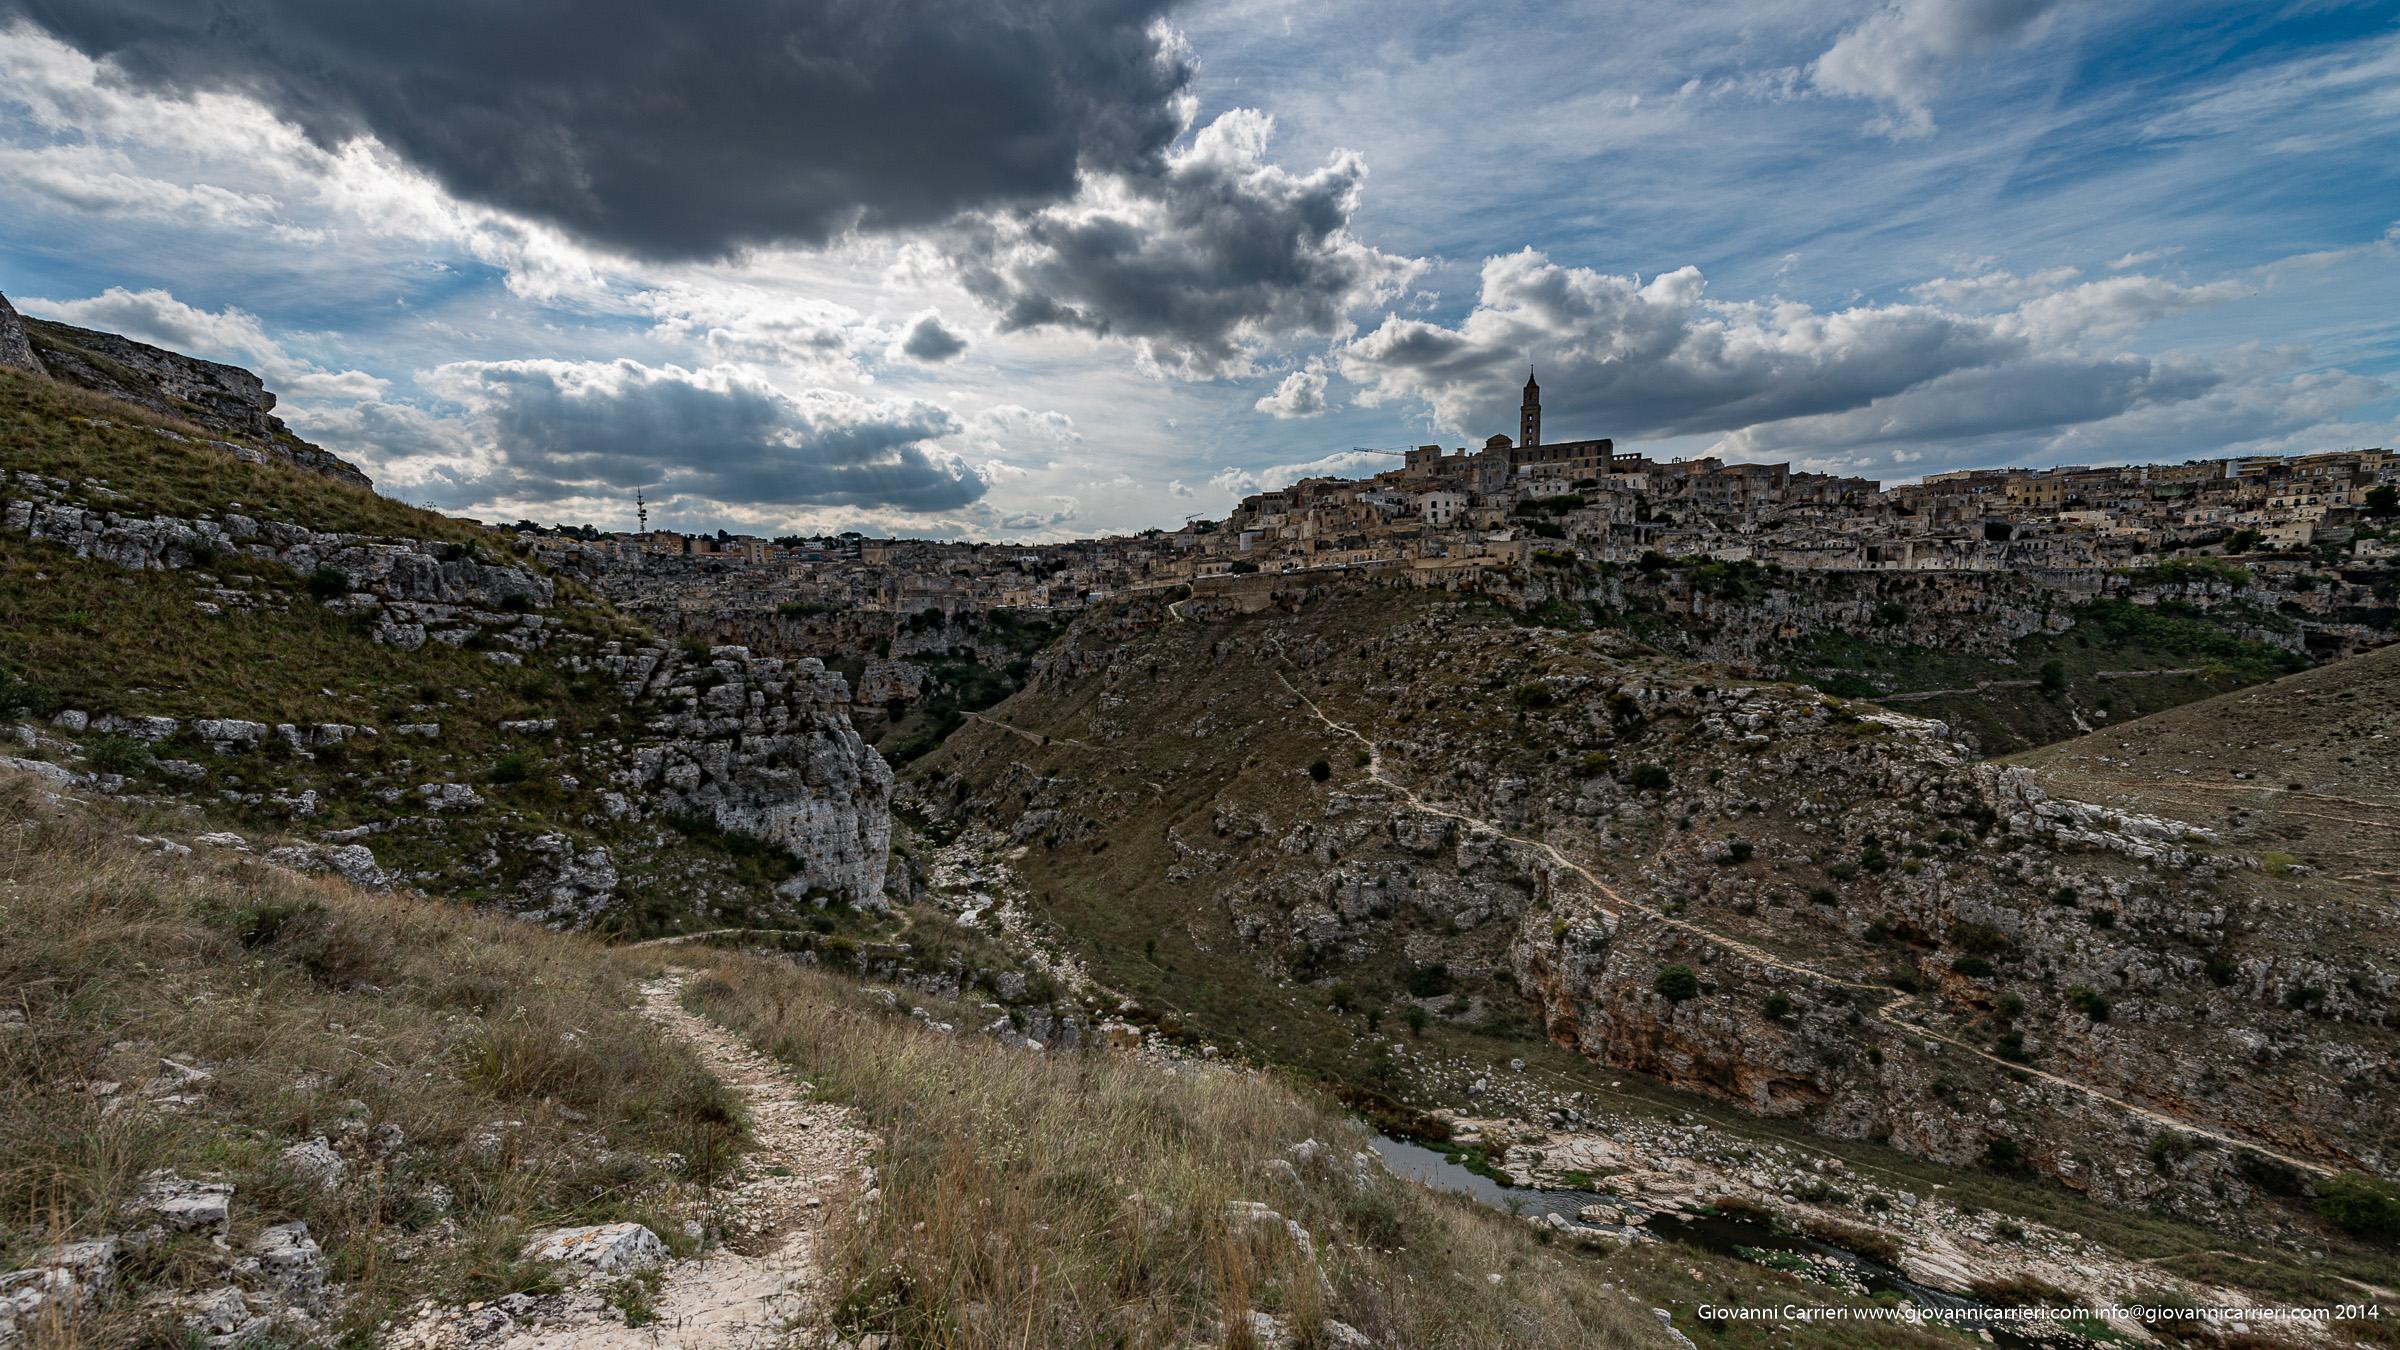 La città di Matera e la gravina